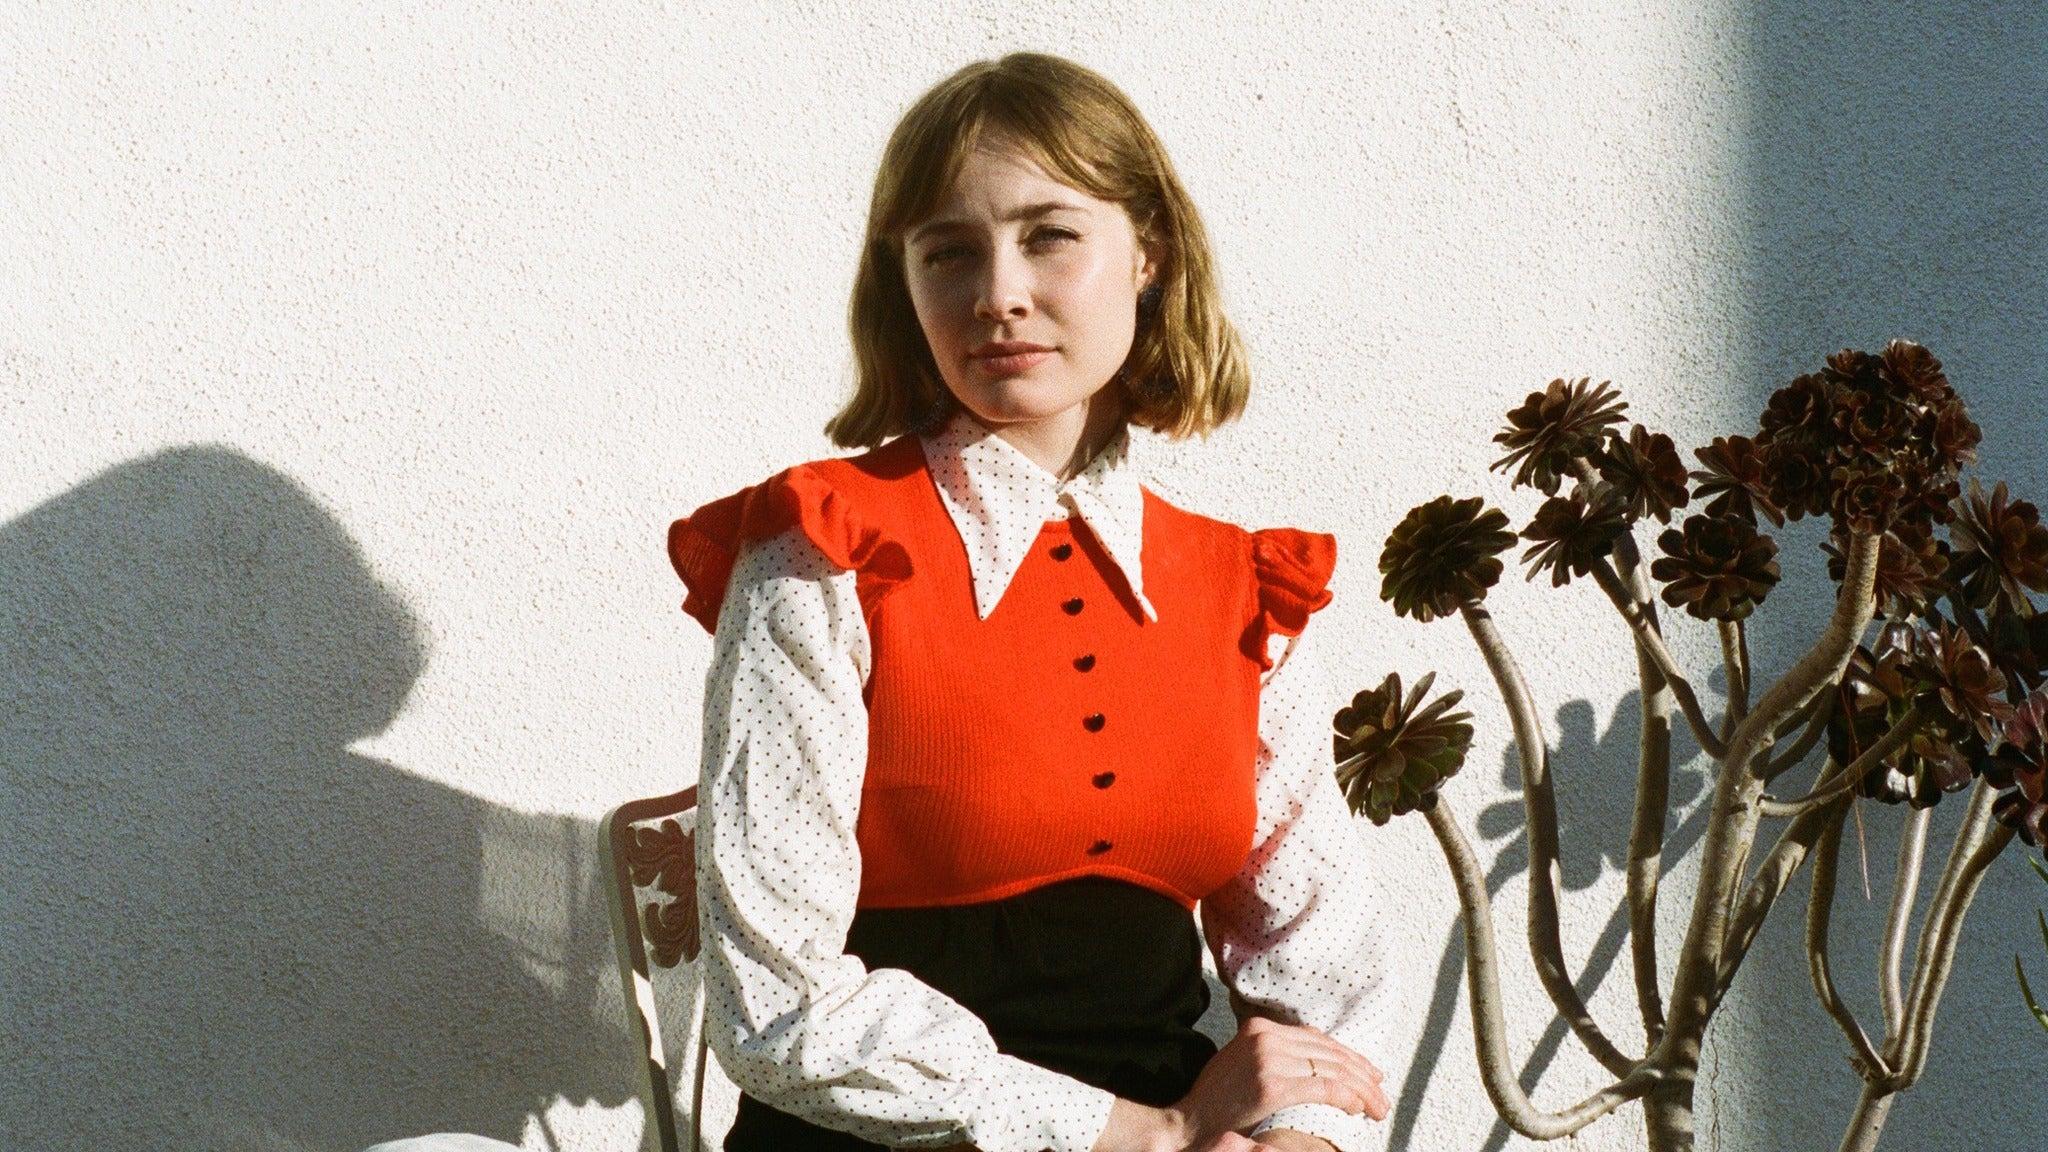 Alexandra Savior at The Independent